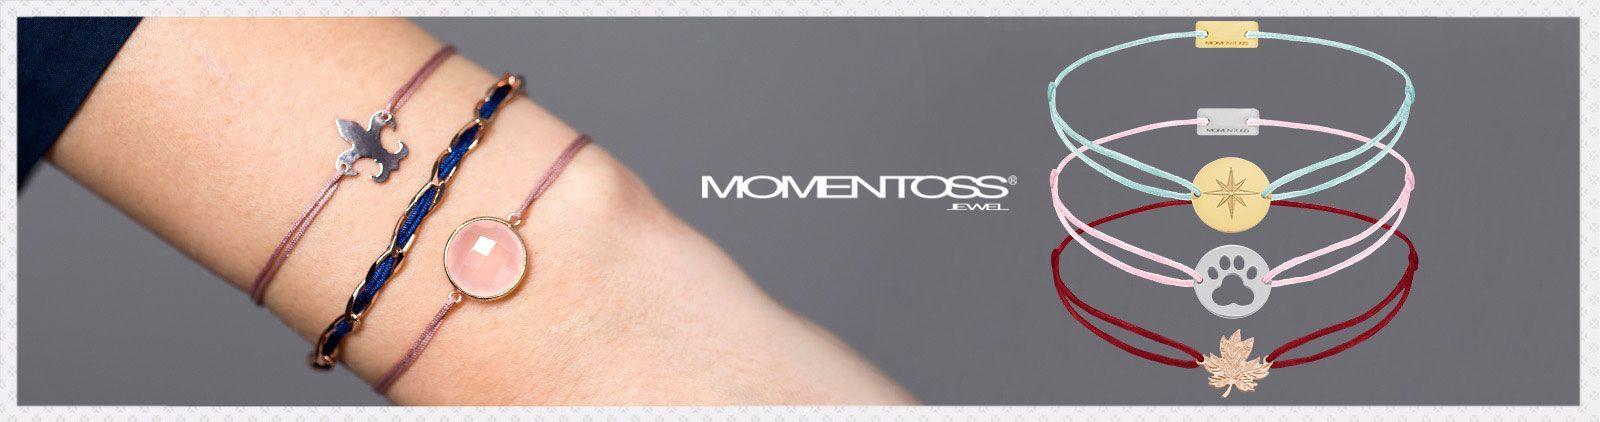 Momentoss